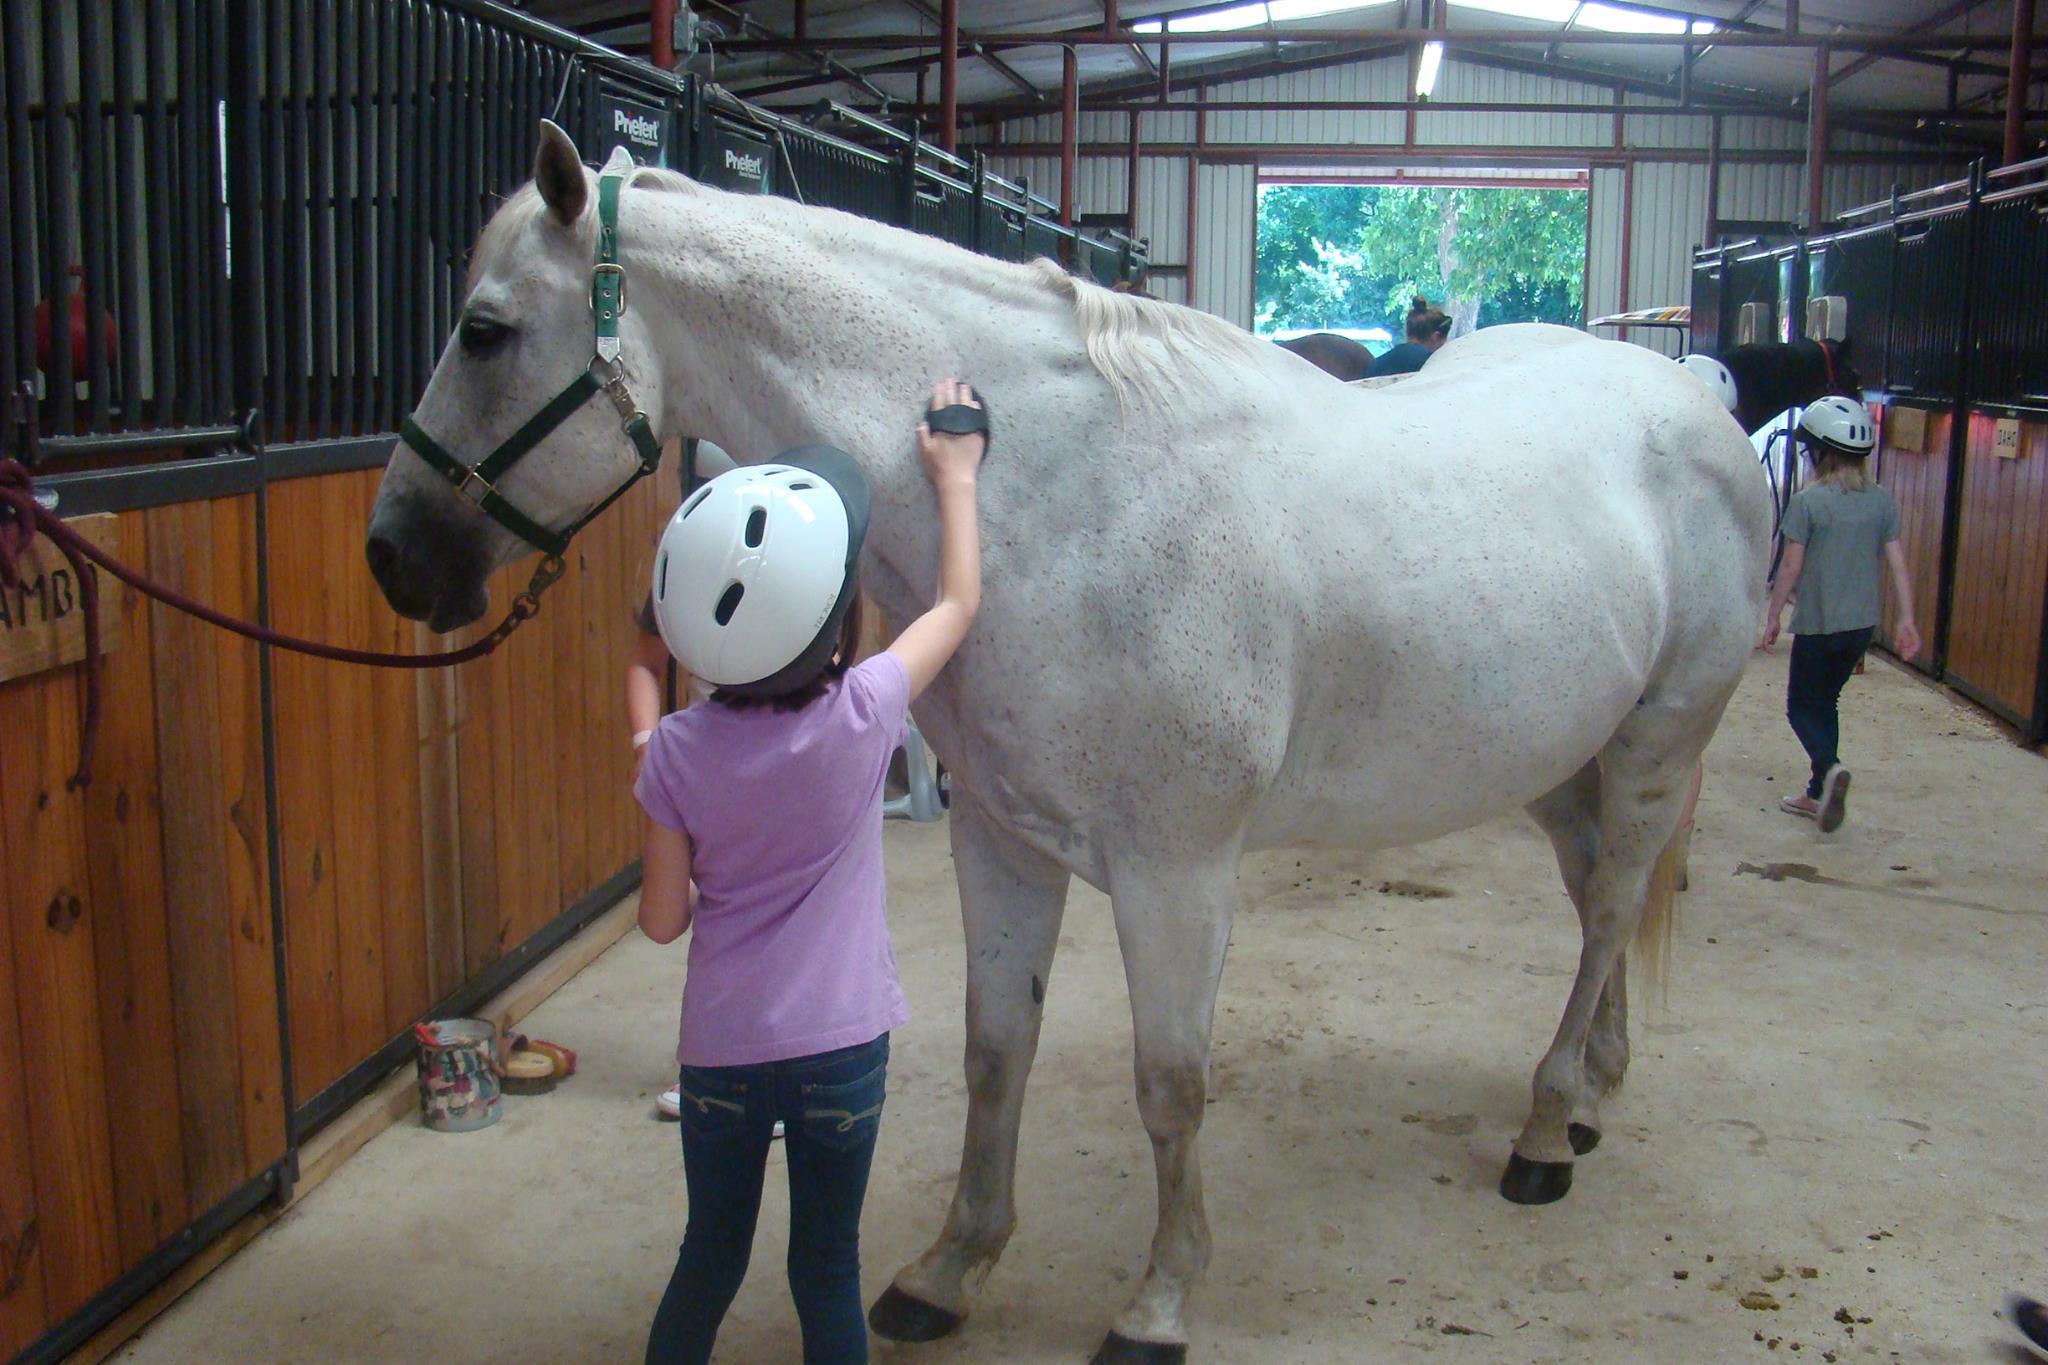 Little Girl Large Horse